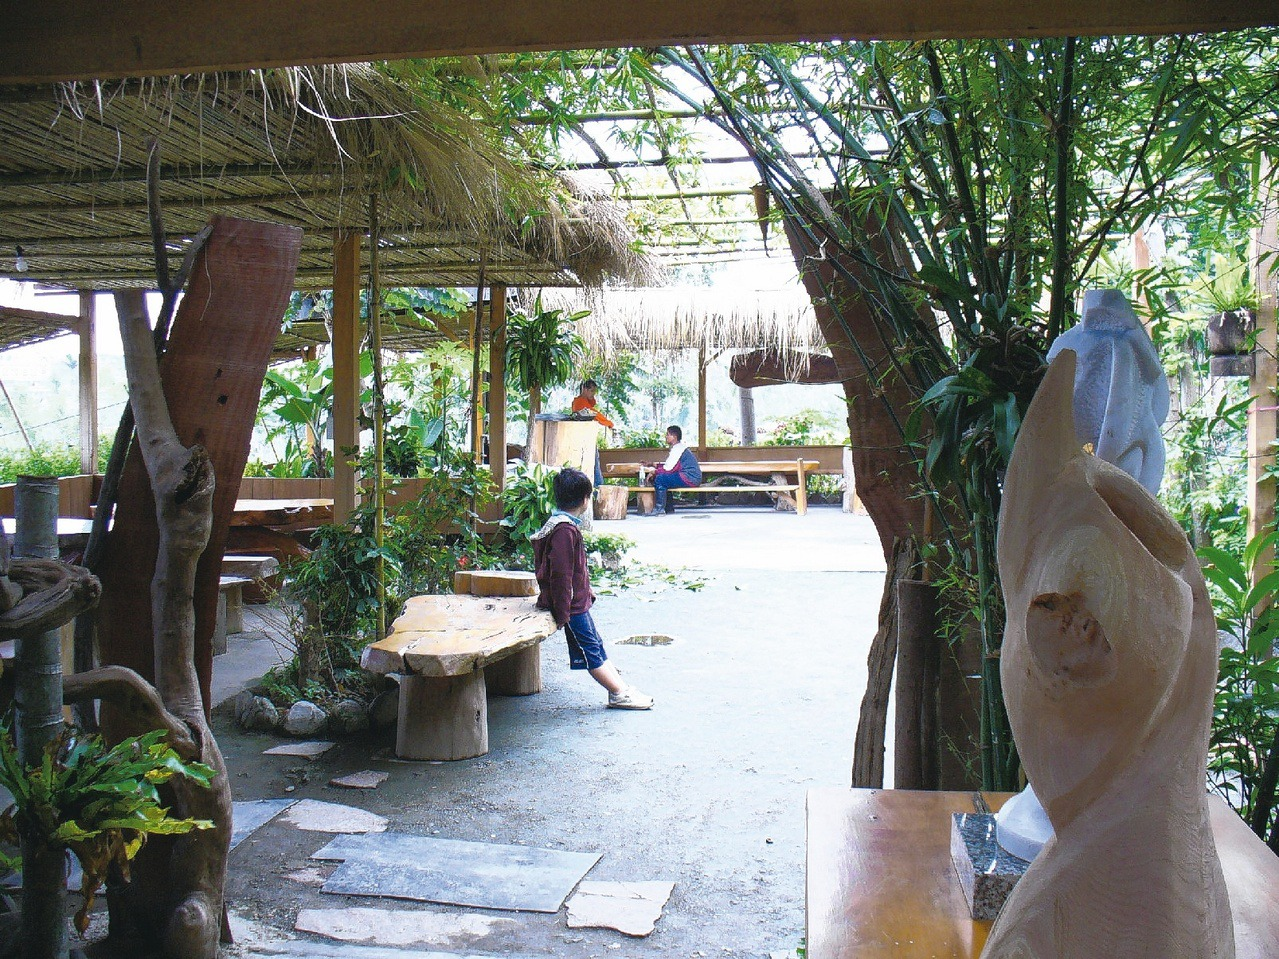 泰雅風味餐廳—達基力部落屋有充滿野趣的庭園造景。 圖/趙惠群 攝影